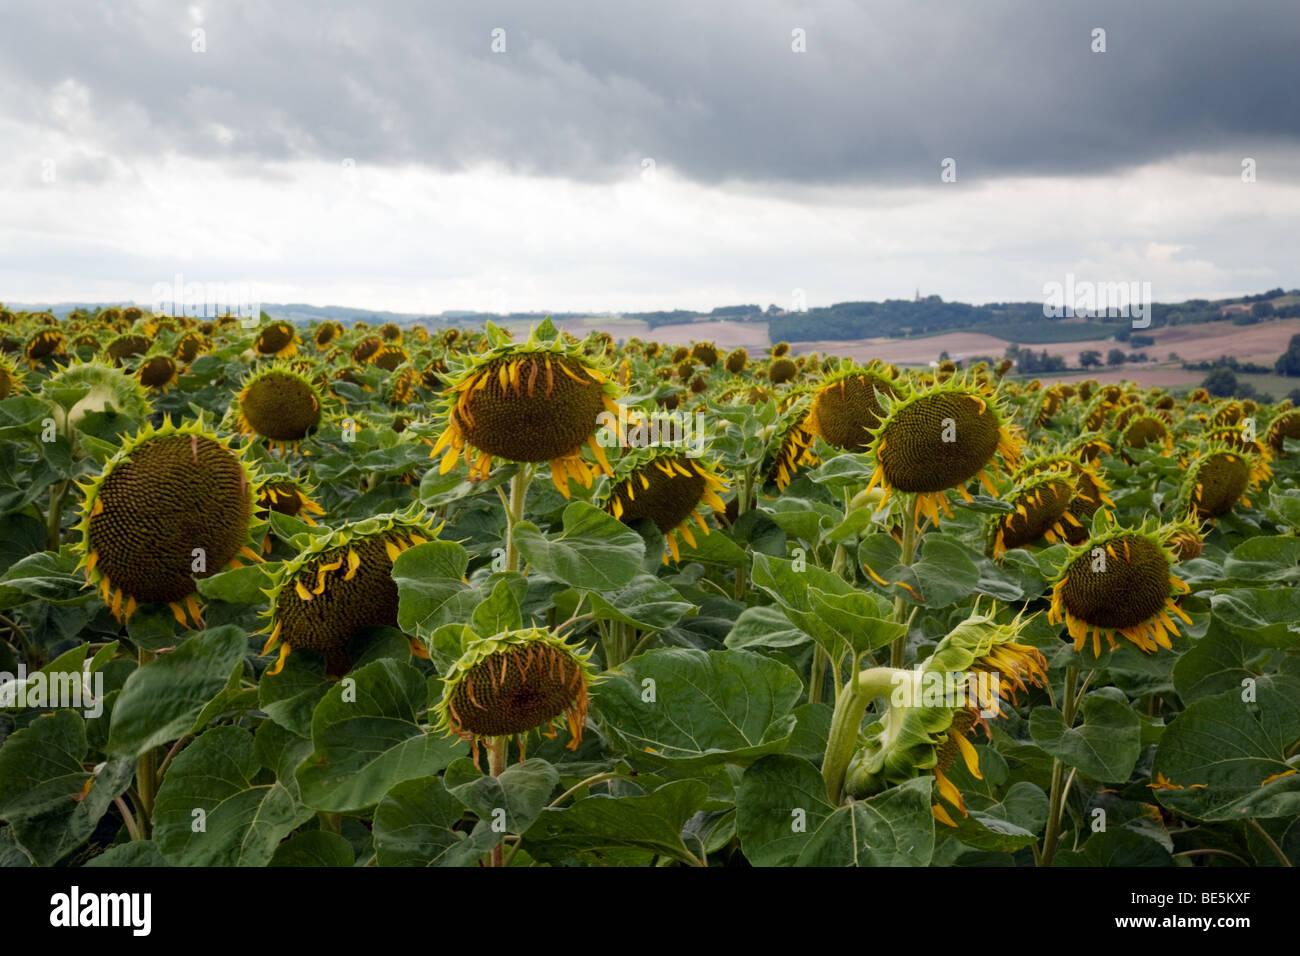 Un campo de girasoles con sus cabezas hacia abajo contra un cielo gris Imagen De Stock